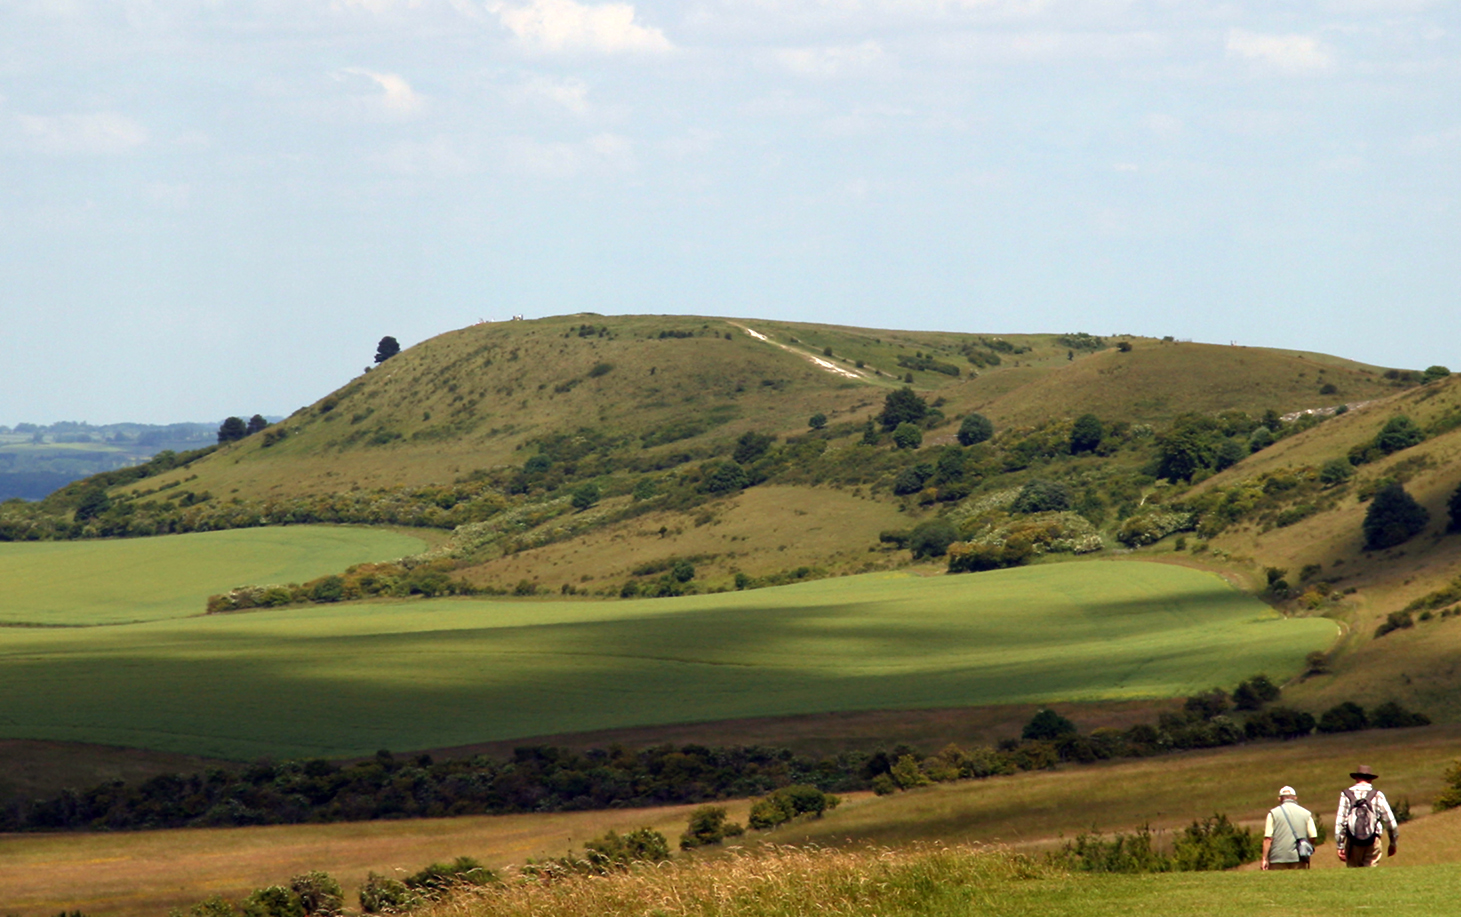 Chiltern hills